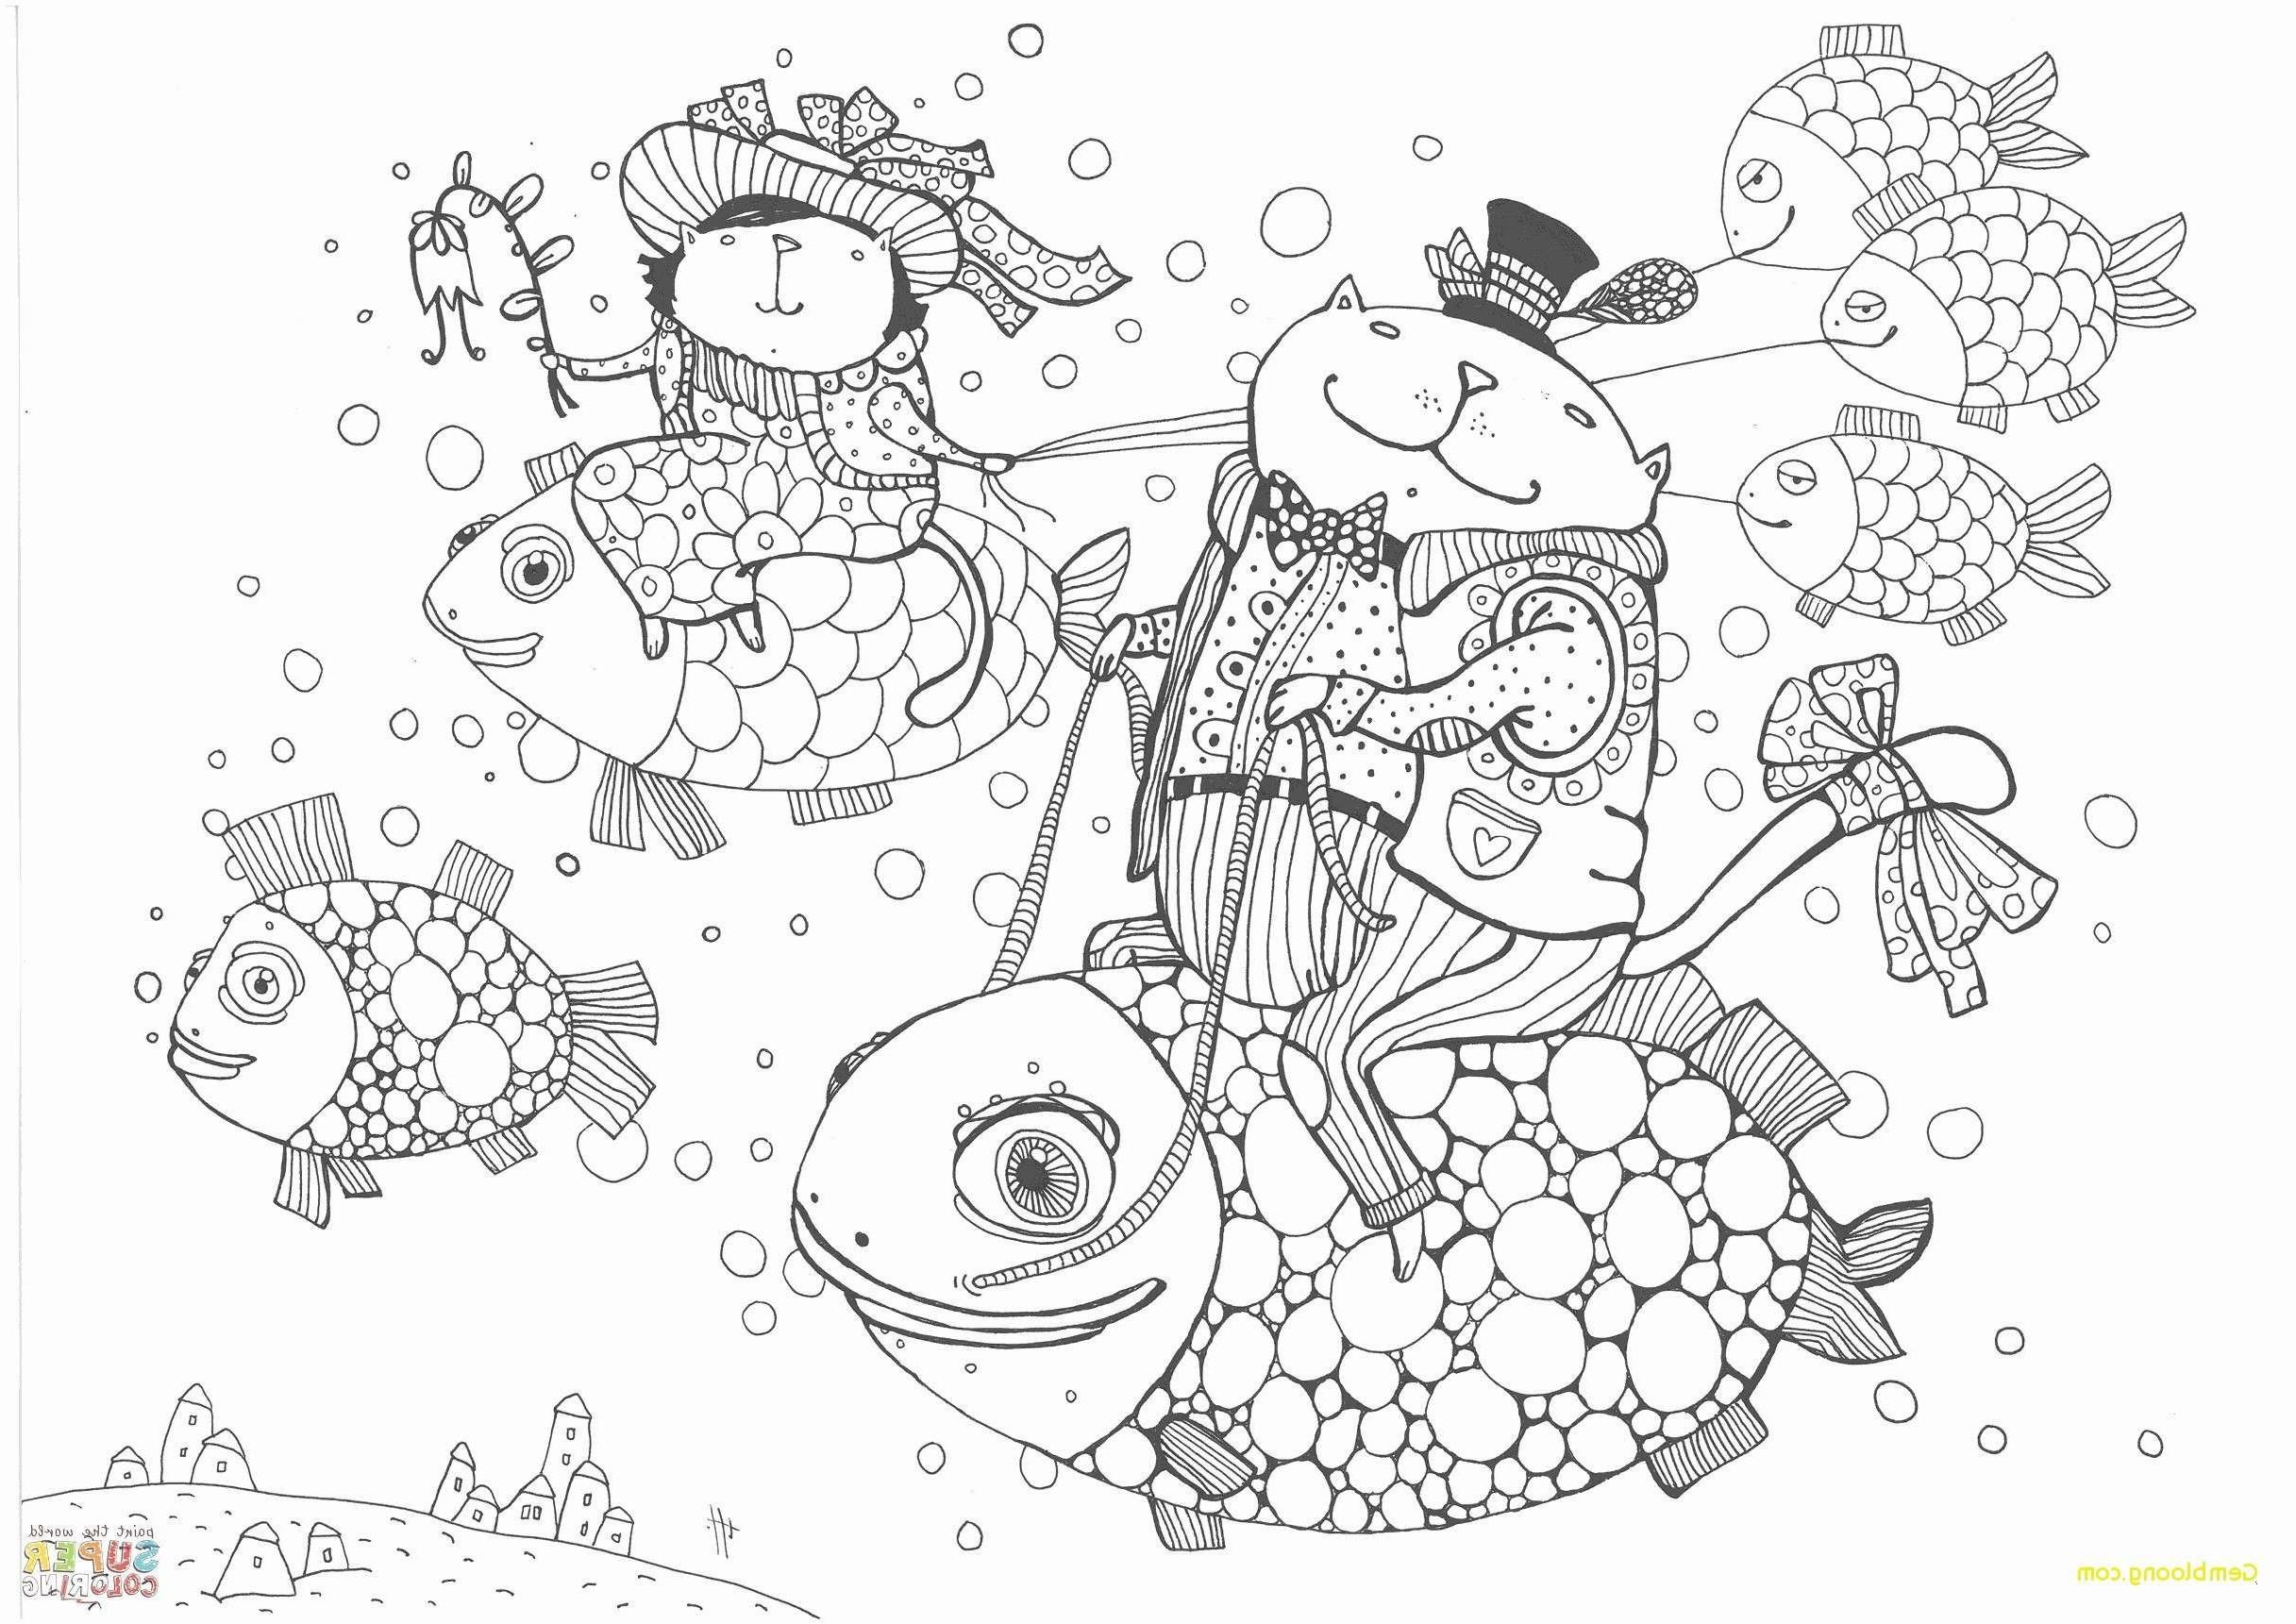 Minions Bilder Zum Ausdrucken Neu 31 Fantastisch Malvorlagen Minions – Malvorlagen Ideen Bild